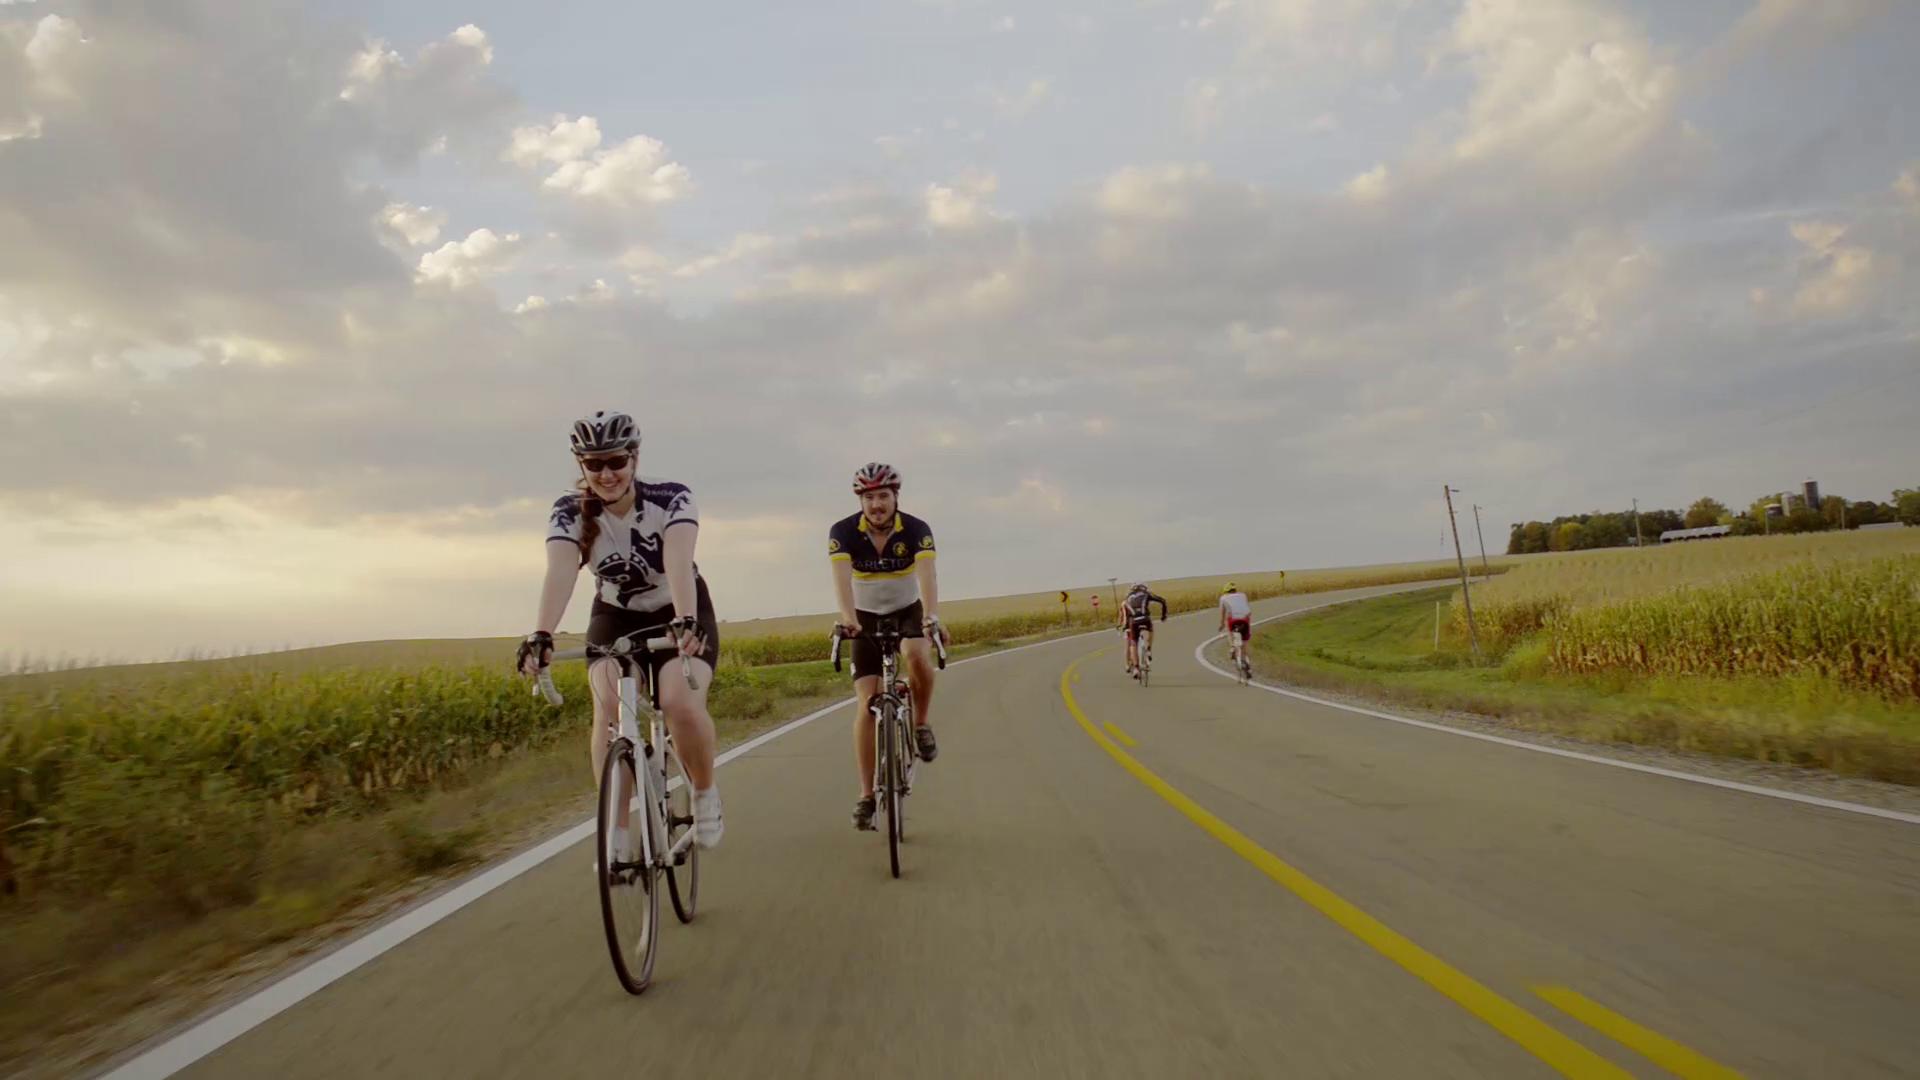 cyclingteam-moreriders